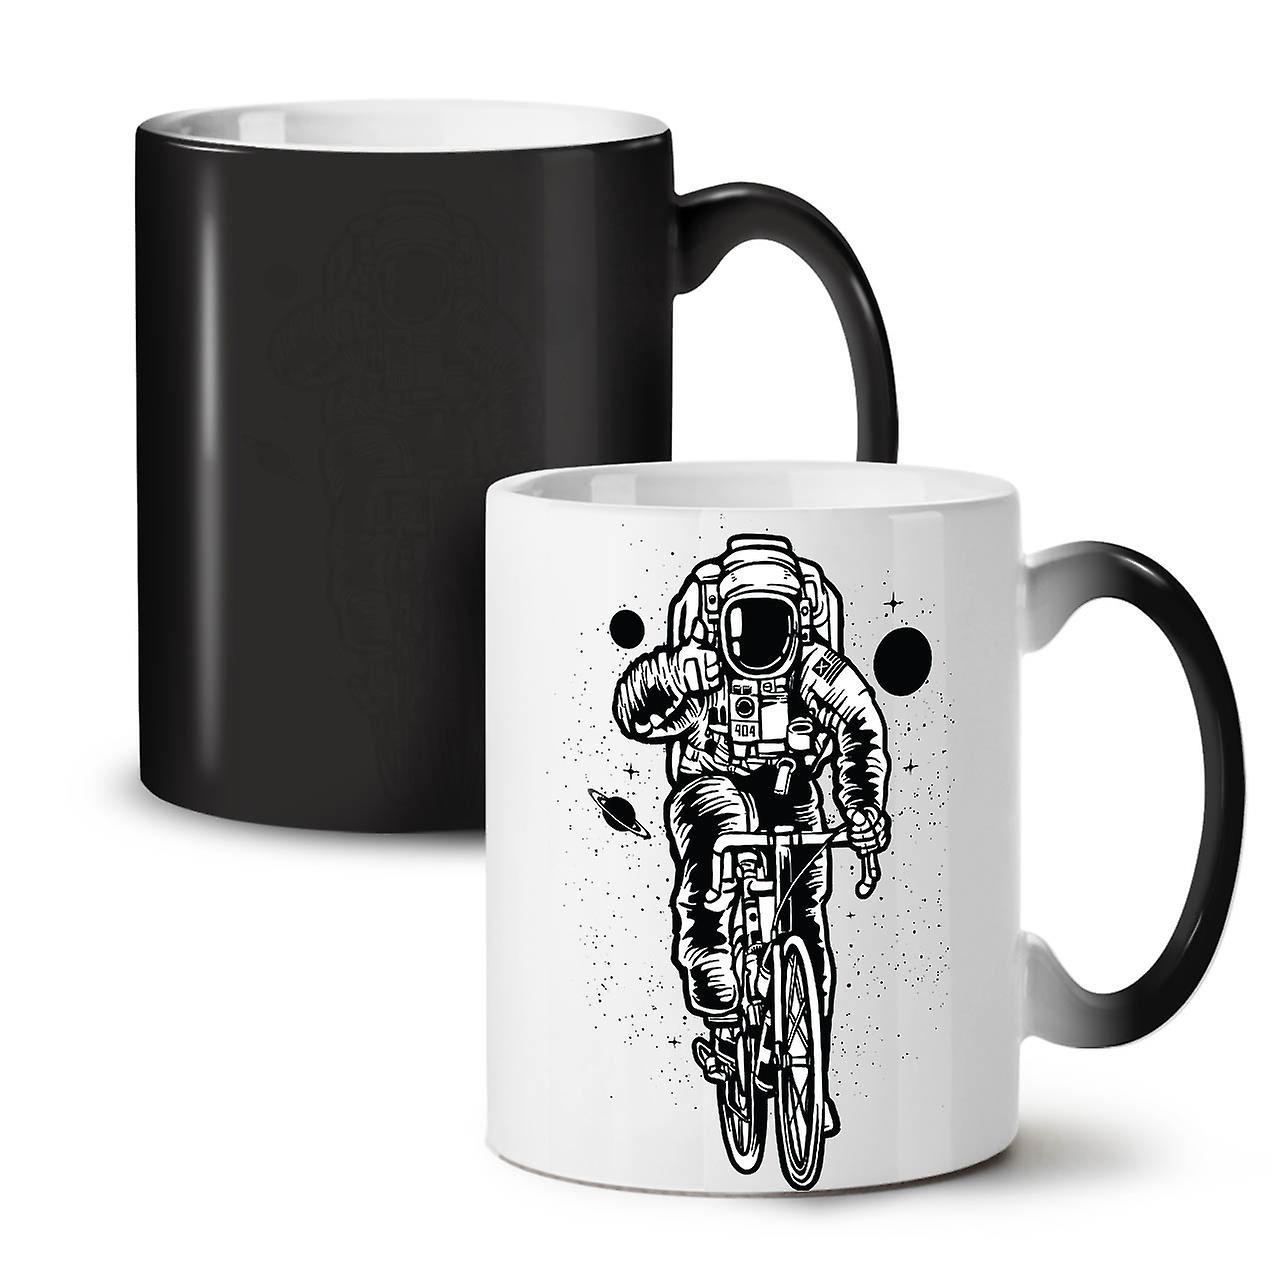 OzWellcoda Changeant Noir 11 Vélo Astronaute Couleur Café Céramique Tasse Thé Sur Nouvelle EYDIbe2WH9